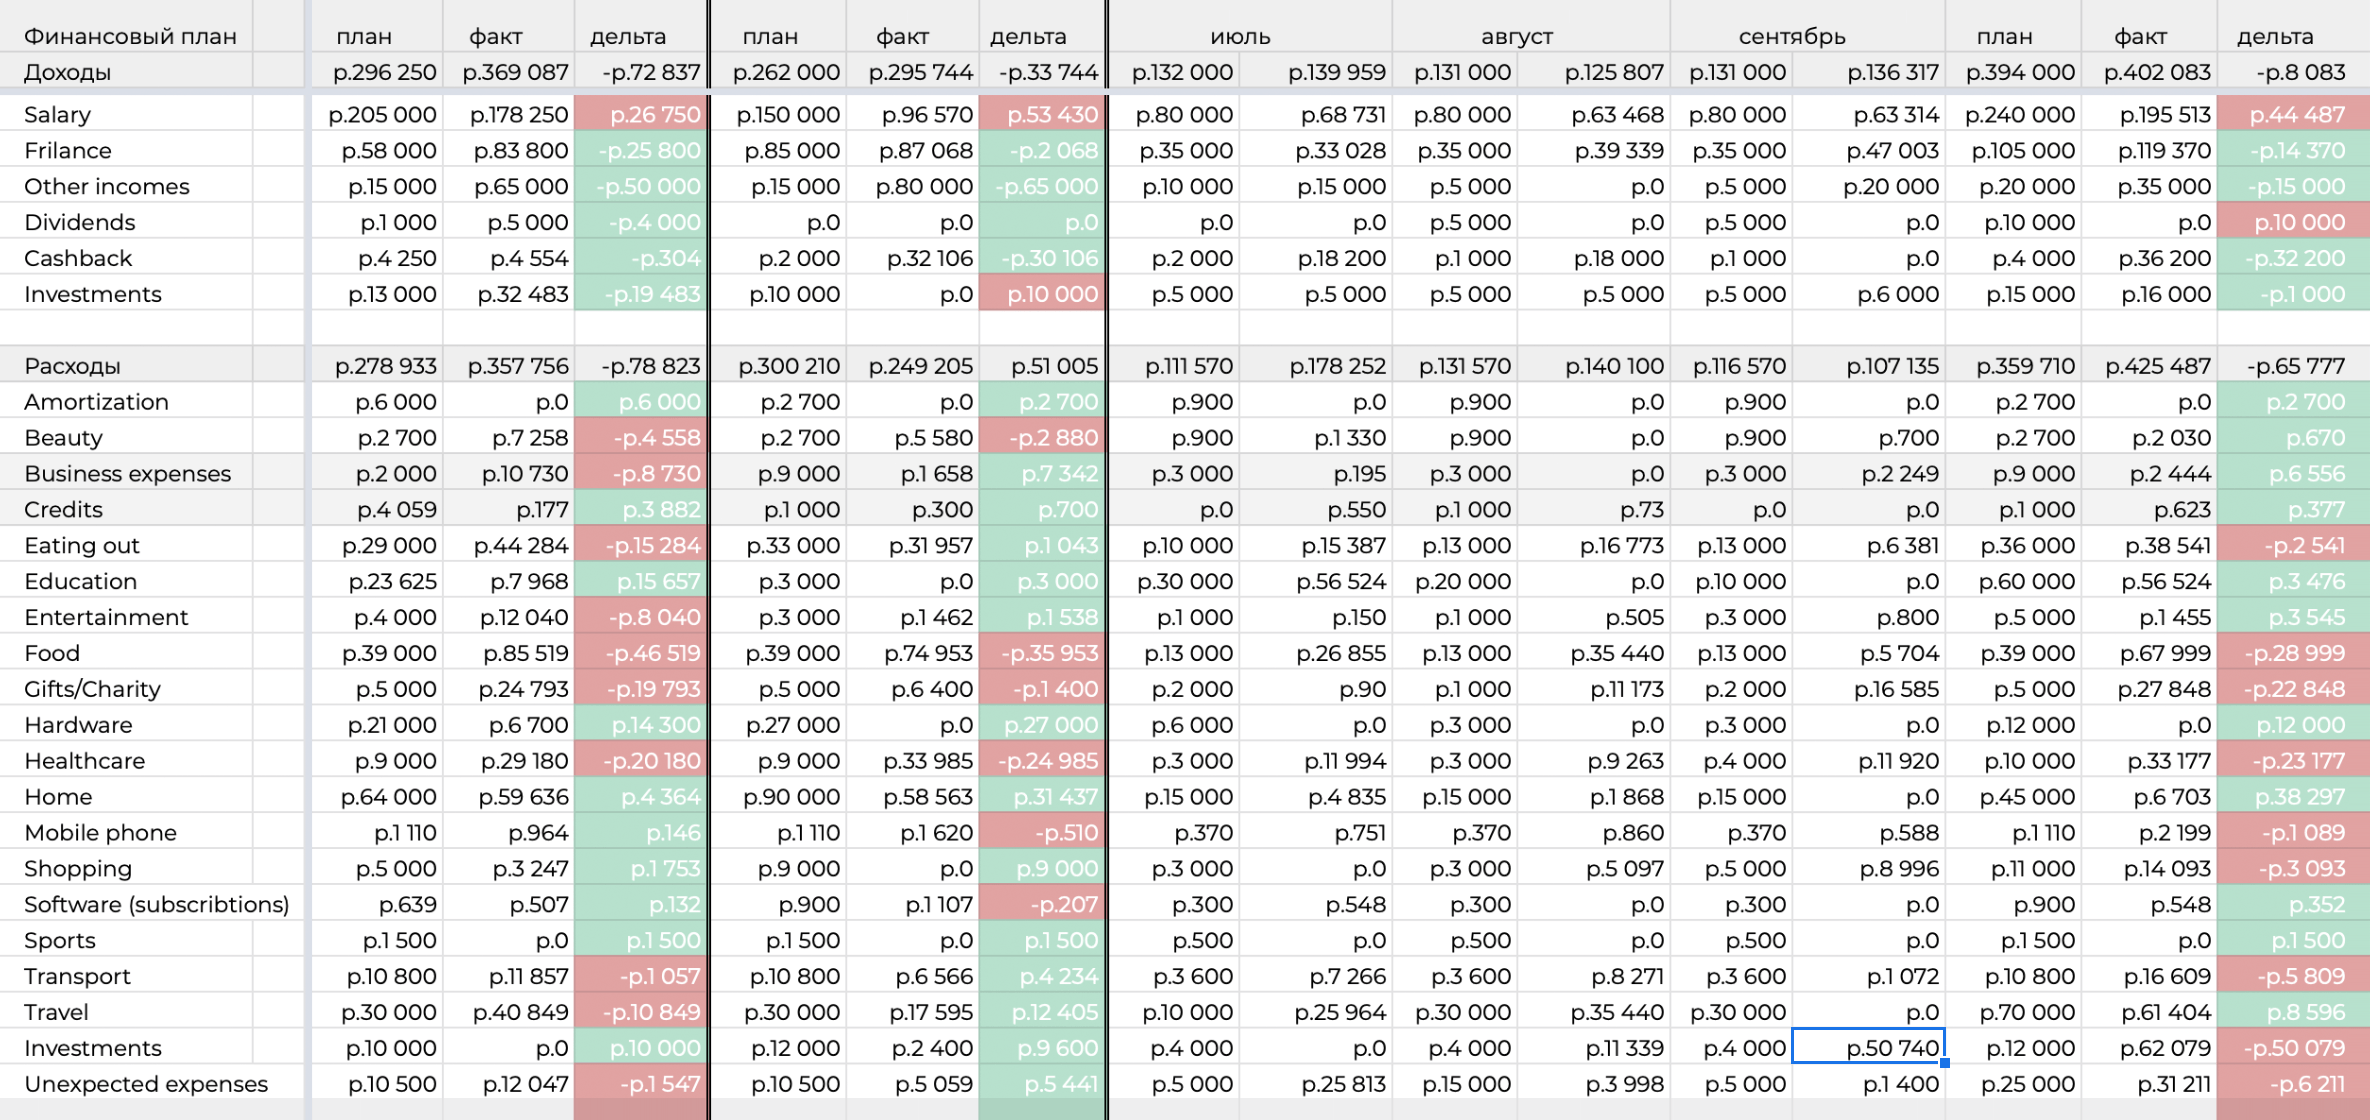 Красные и зеленые ячейки — форматирование по принципу «попал — не попал в план»